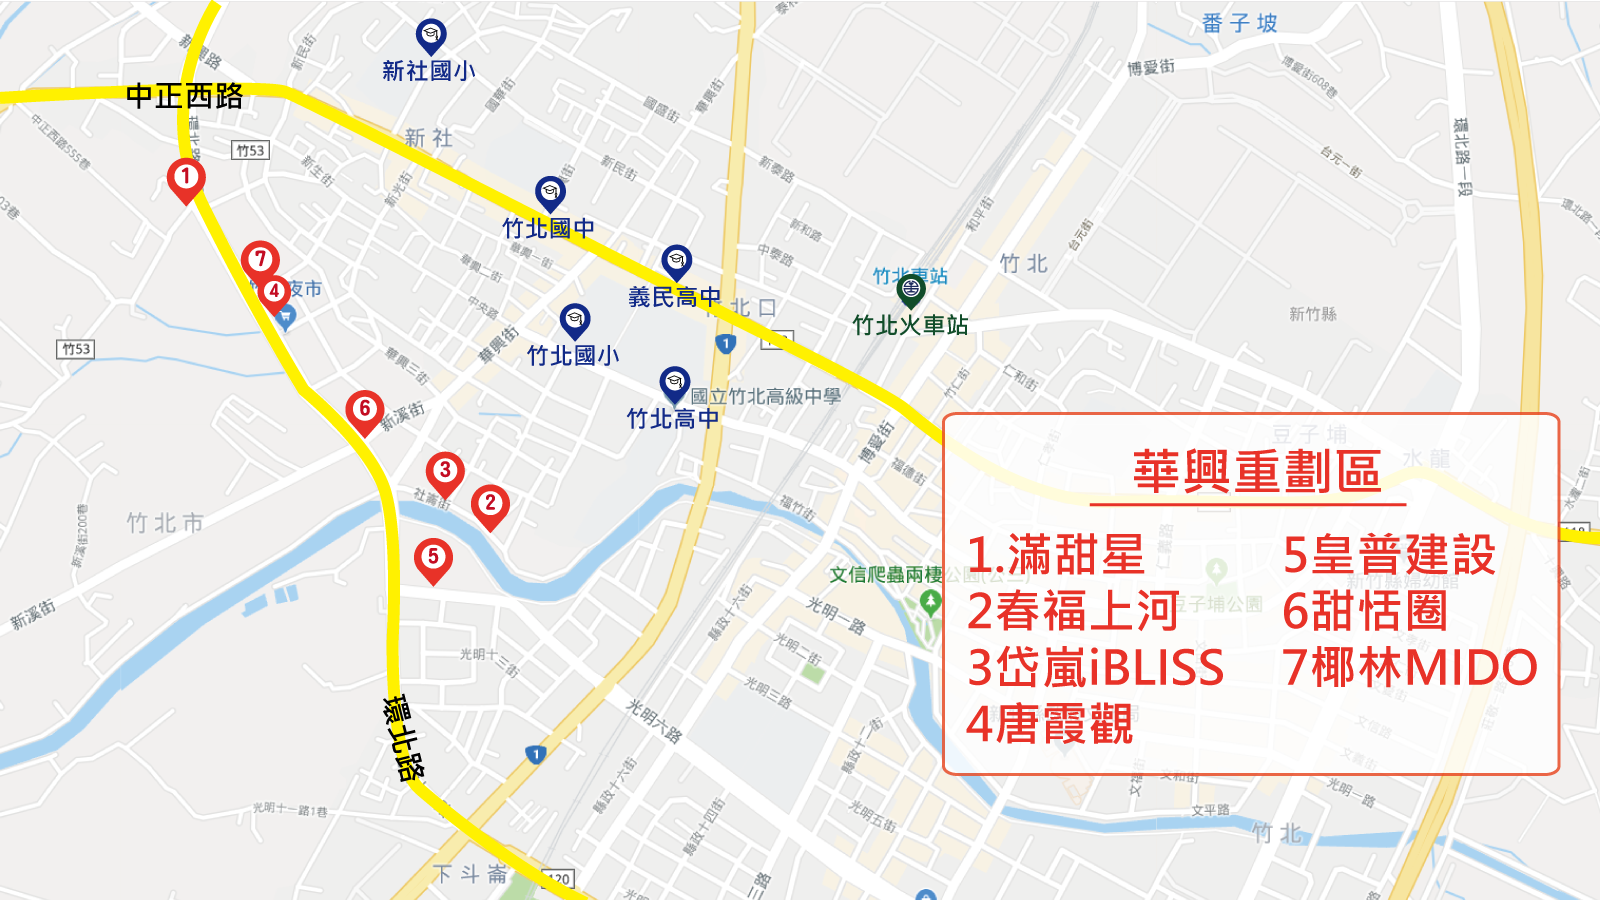 [專題報導]2019上半年主戰區 華興推案量暴增20190108-2.png